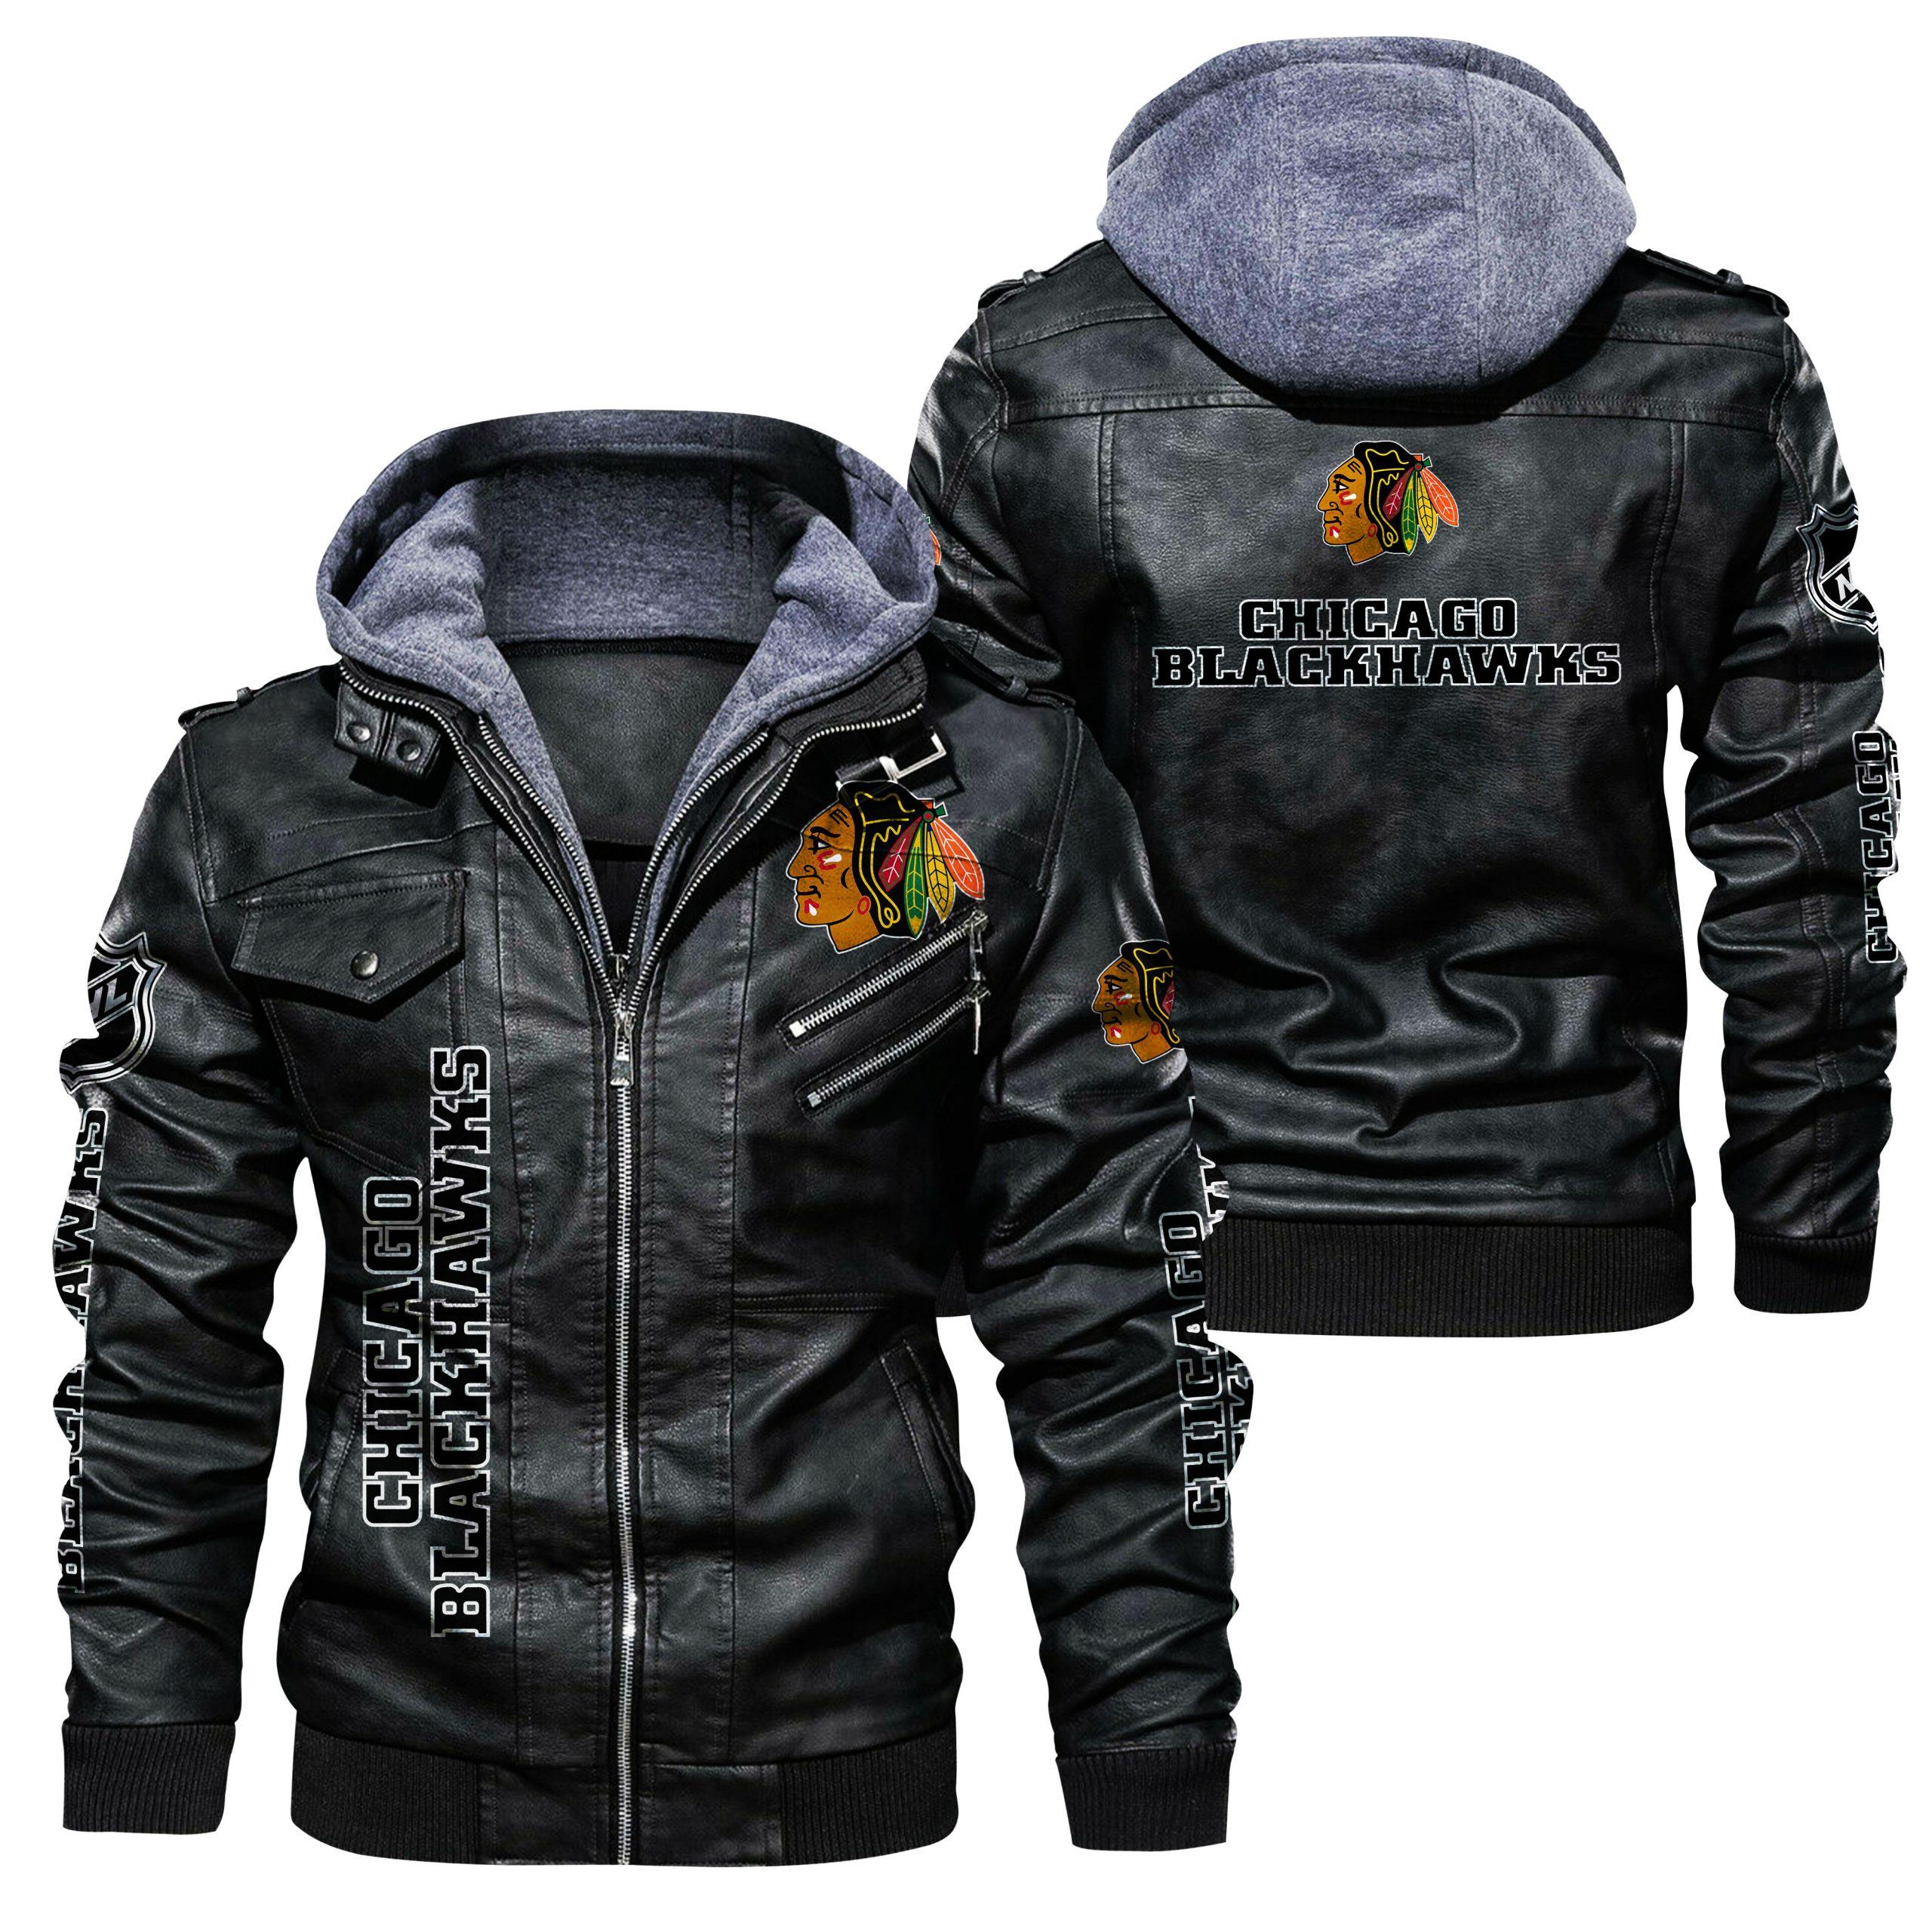 Chicago Blackhawks Leather Jacket